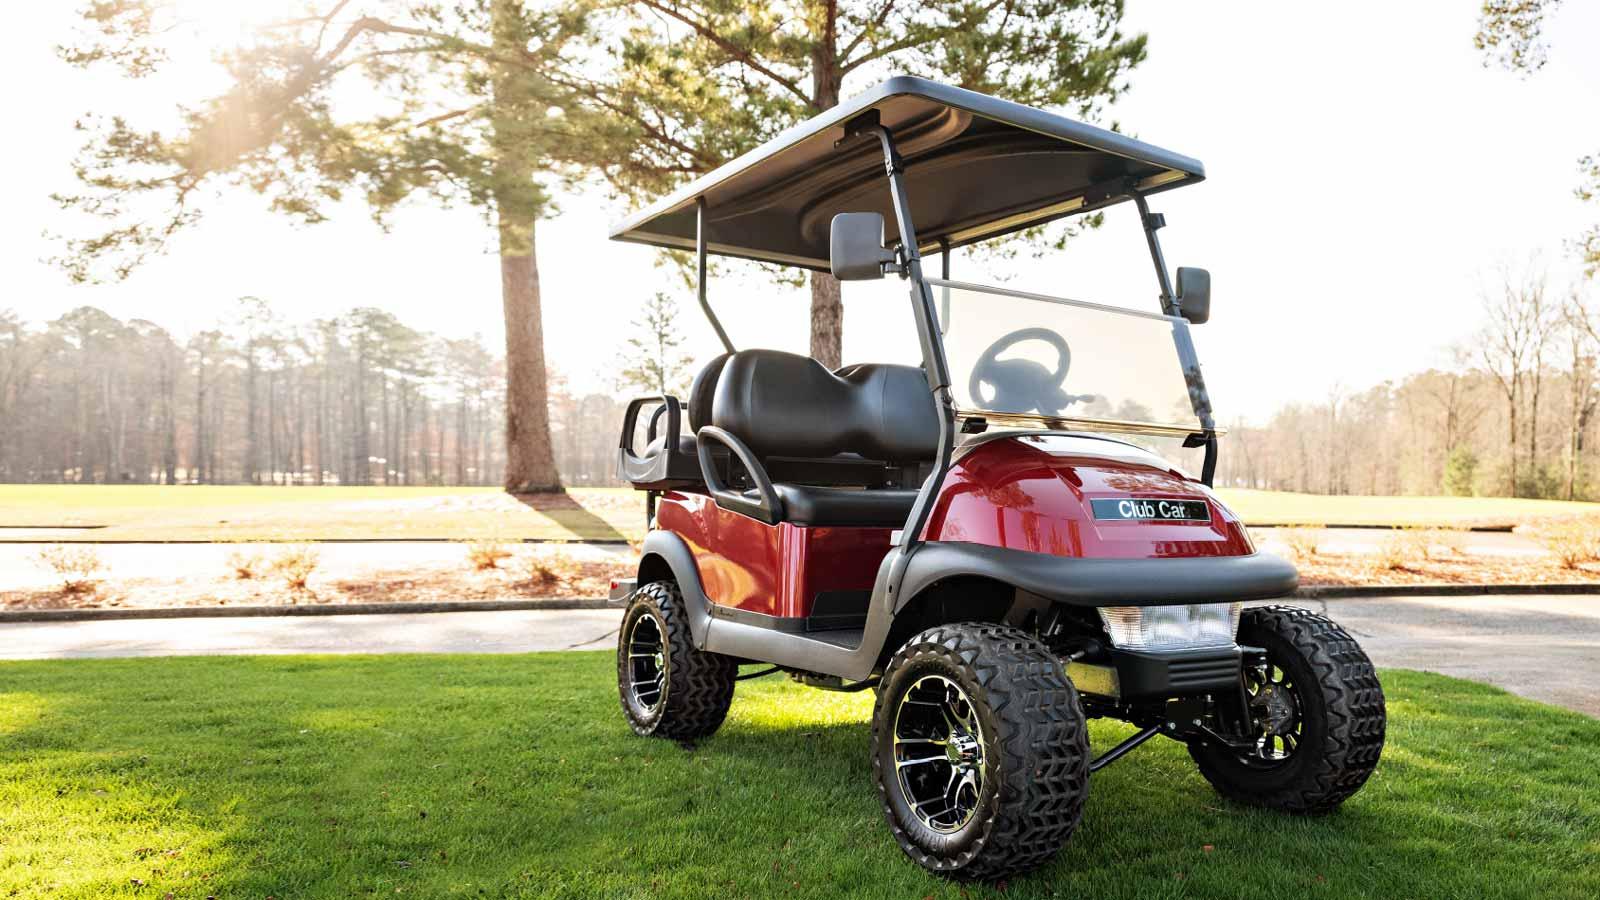 Villager-4-passenger-lifted-golf-cart-metallic-red